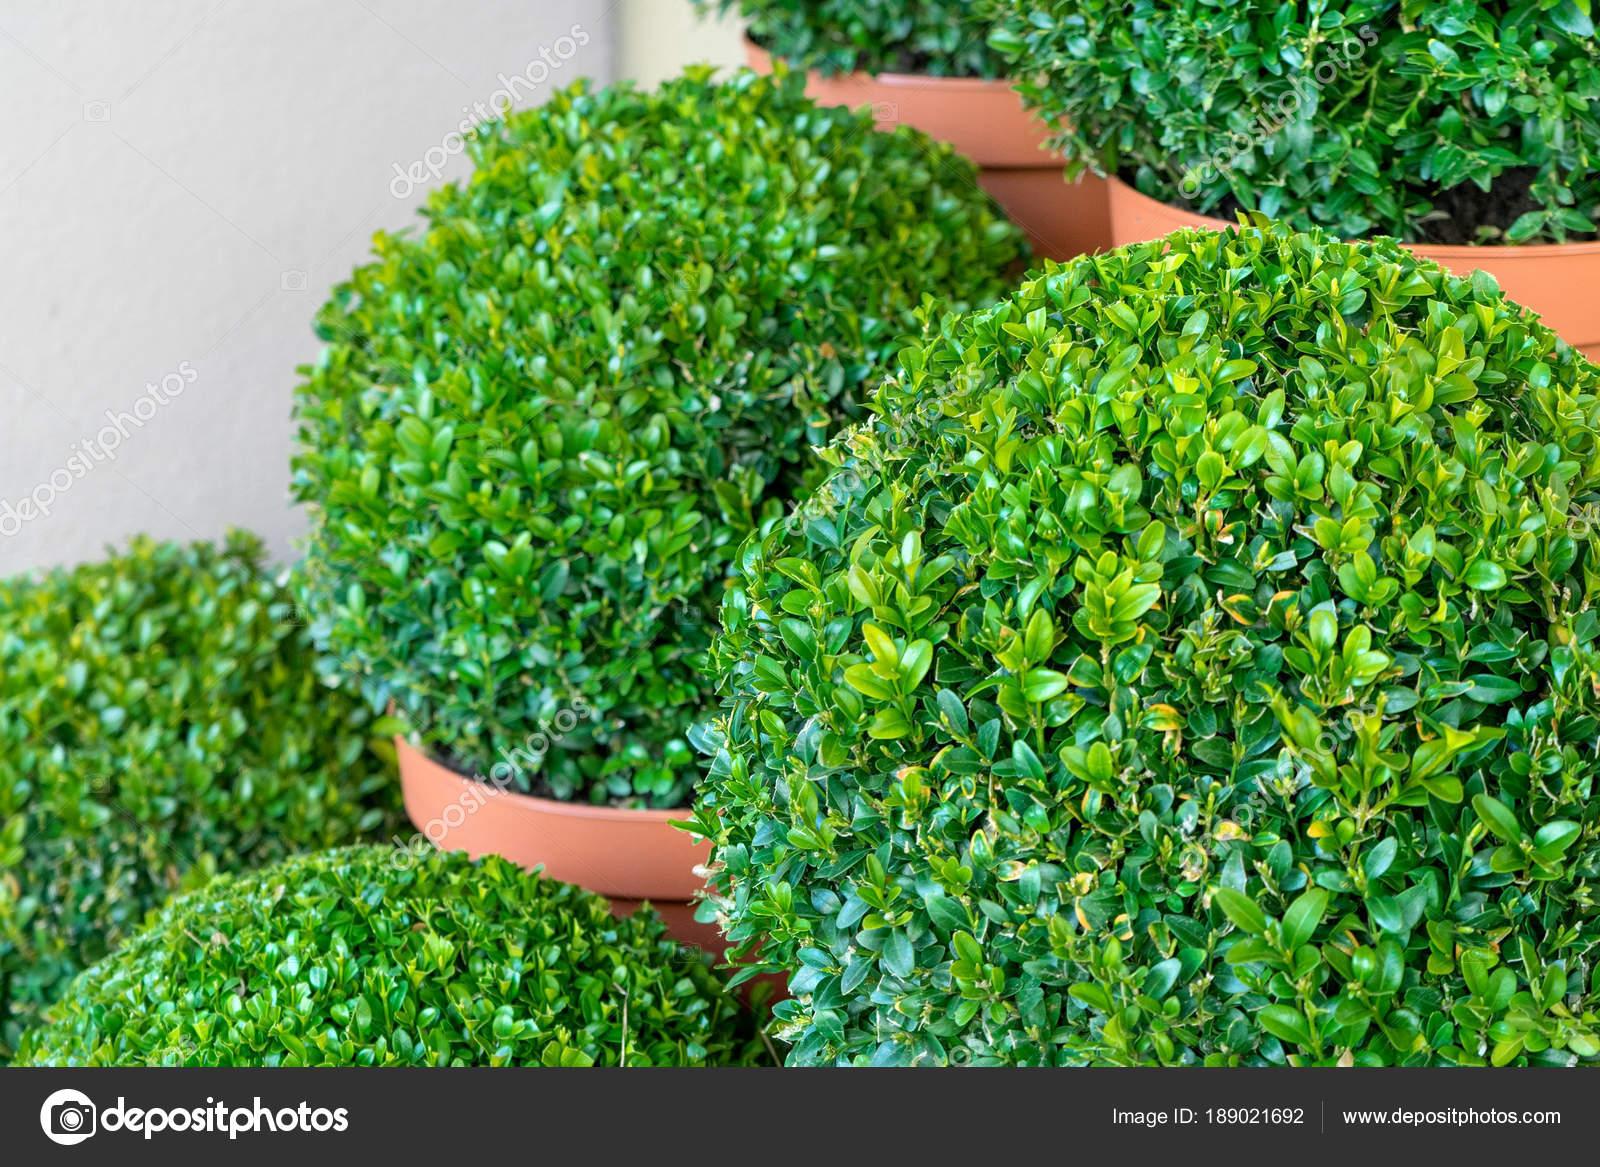 der form schneiden buchsbaum nahaufnahme von buchsbaum pflanzen